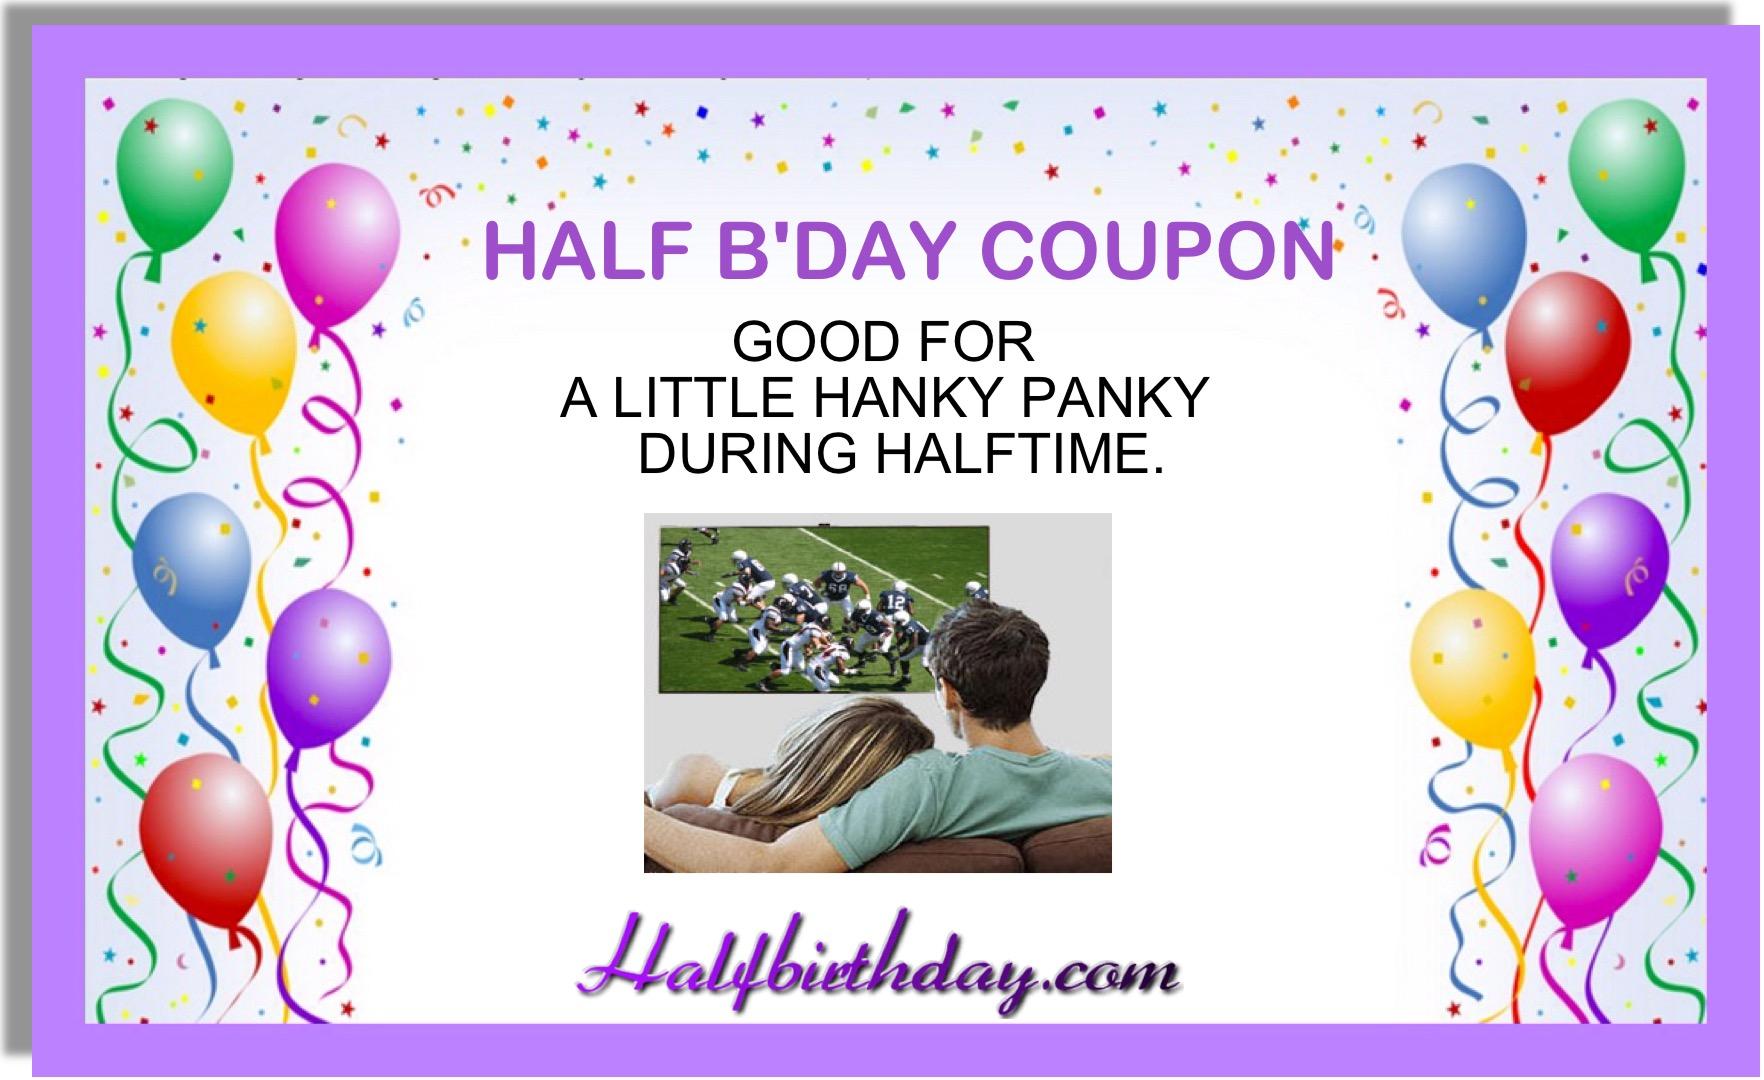 Hanky panky coupon code